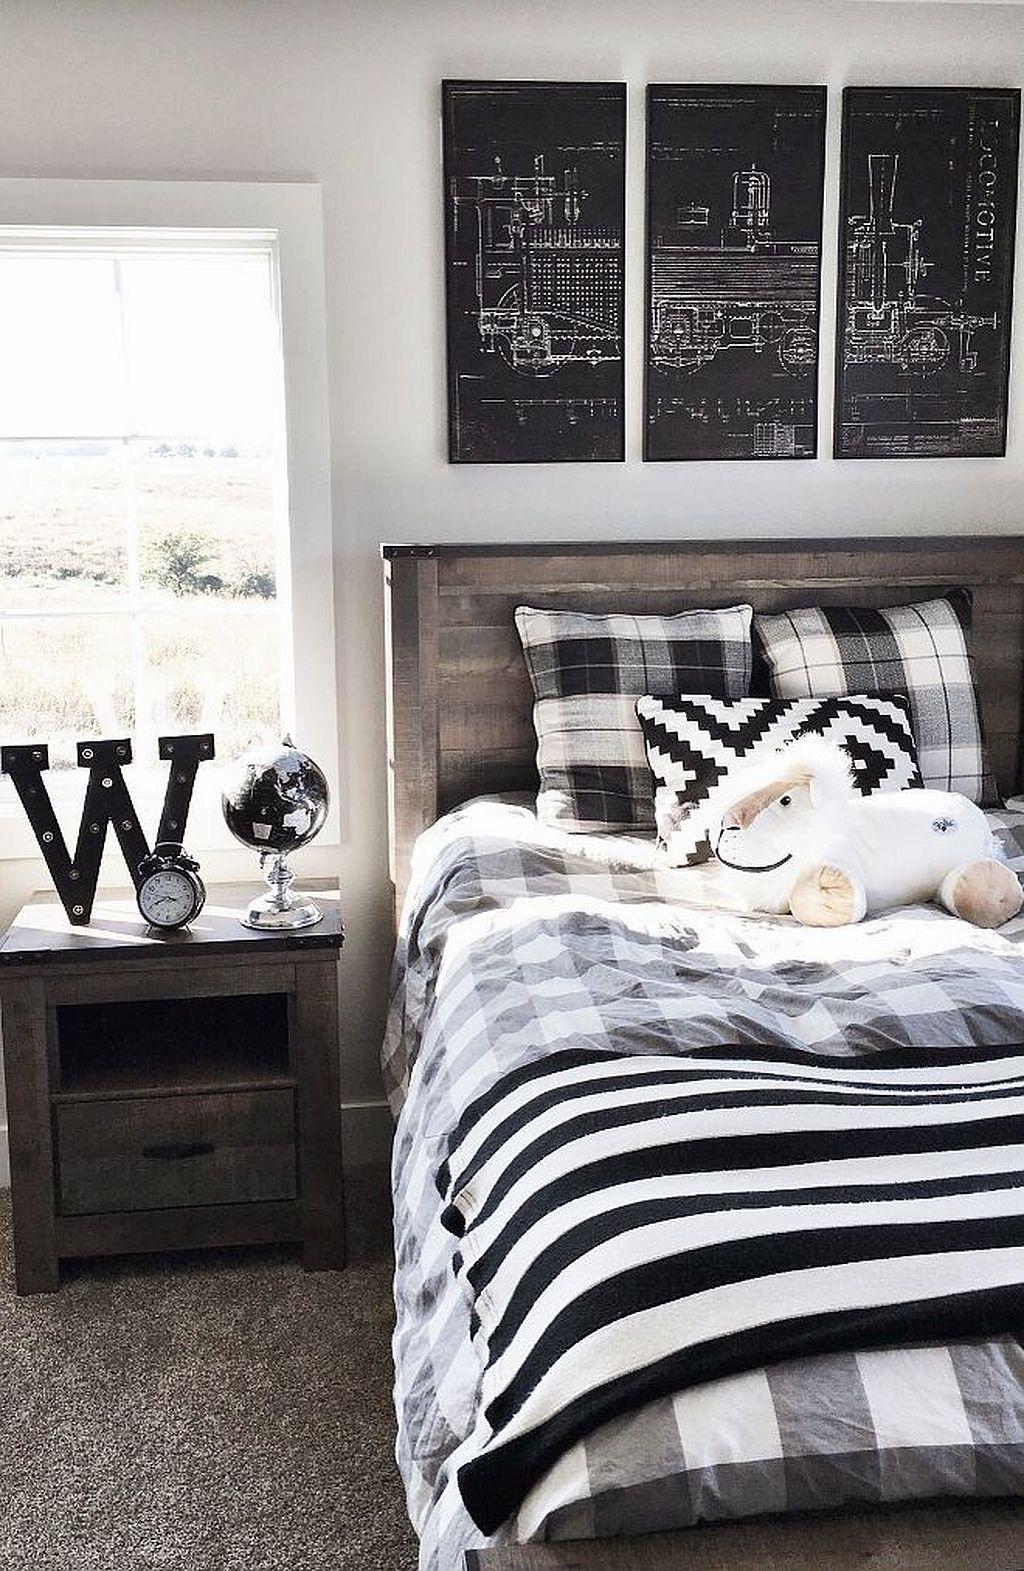 Pin by Julie Ehrman on Black & white Bedroom | Einrichtungsideen ...